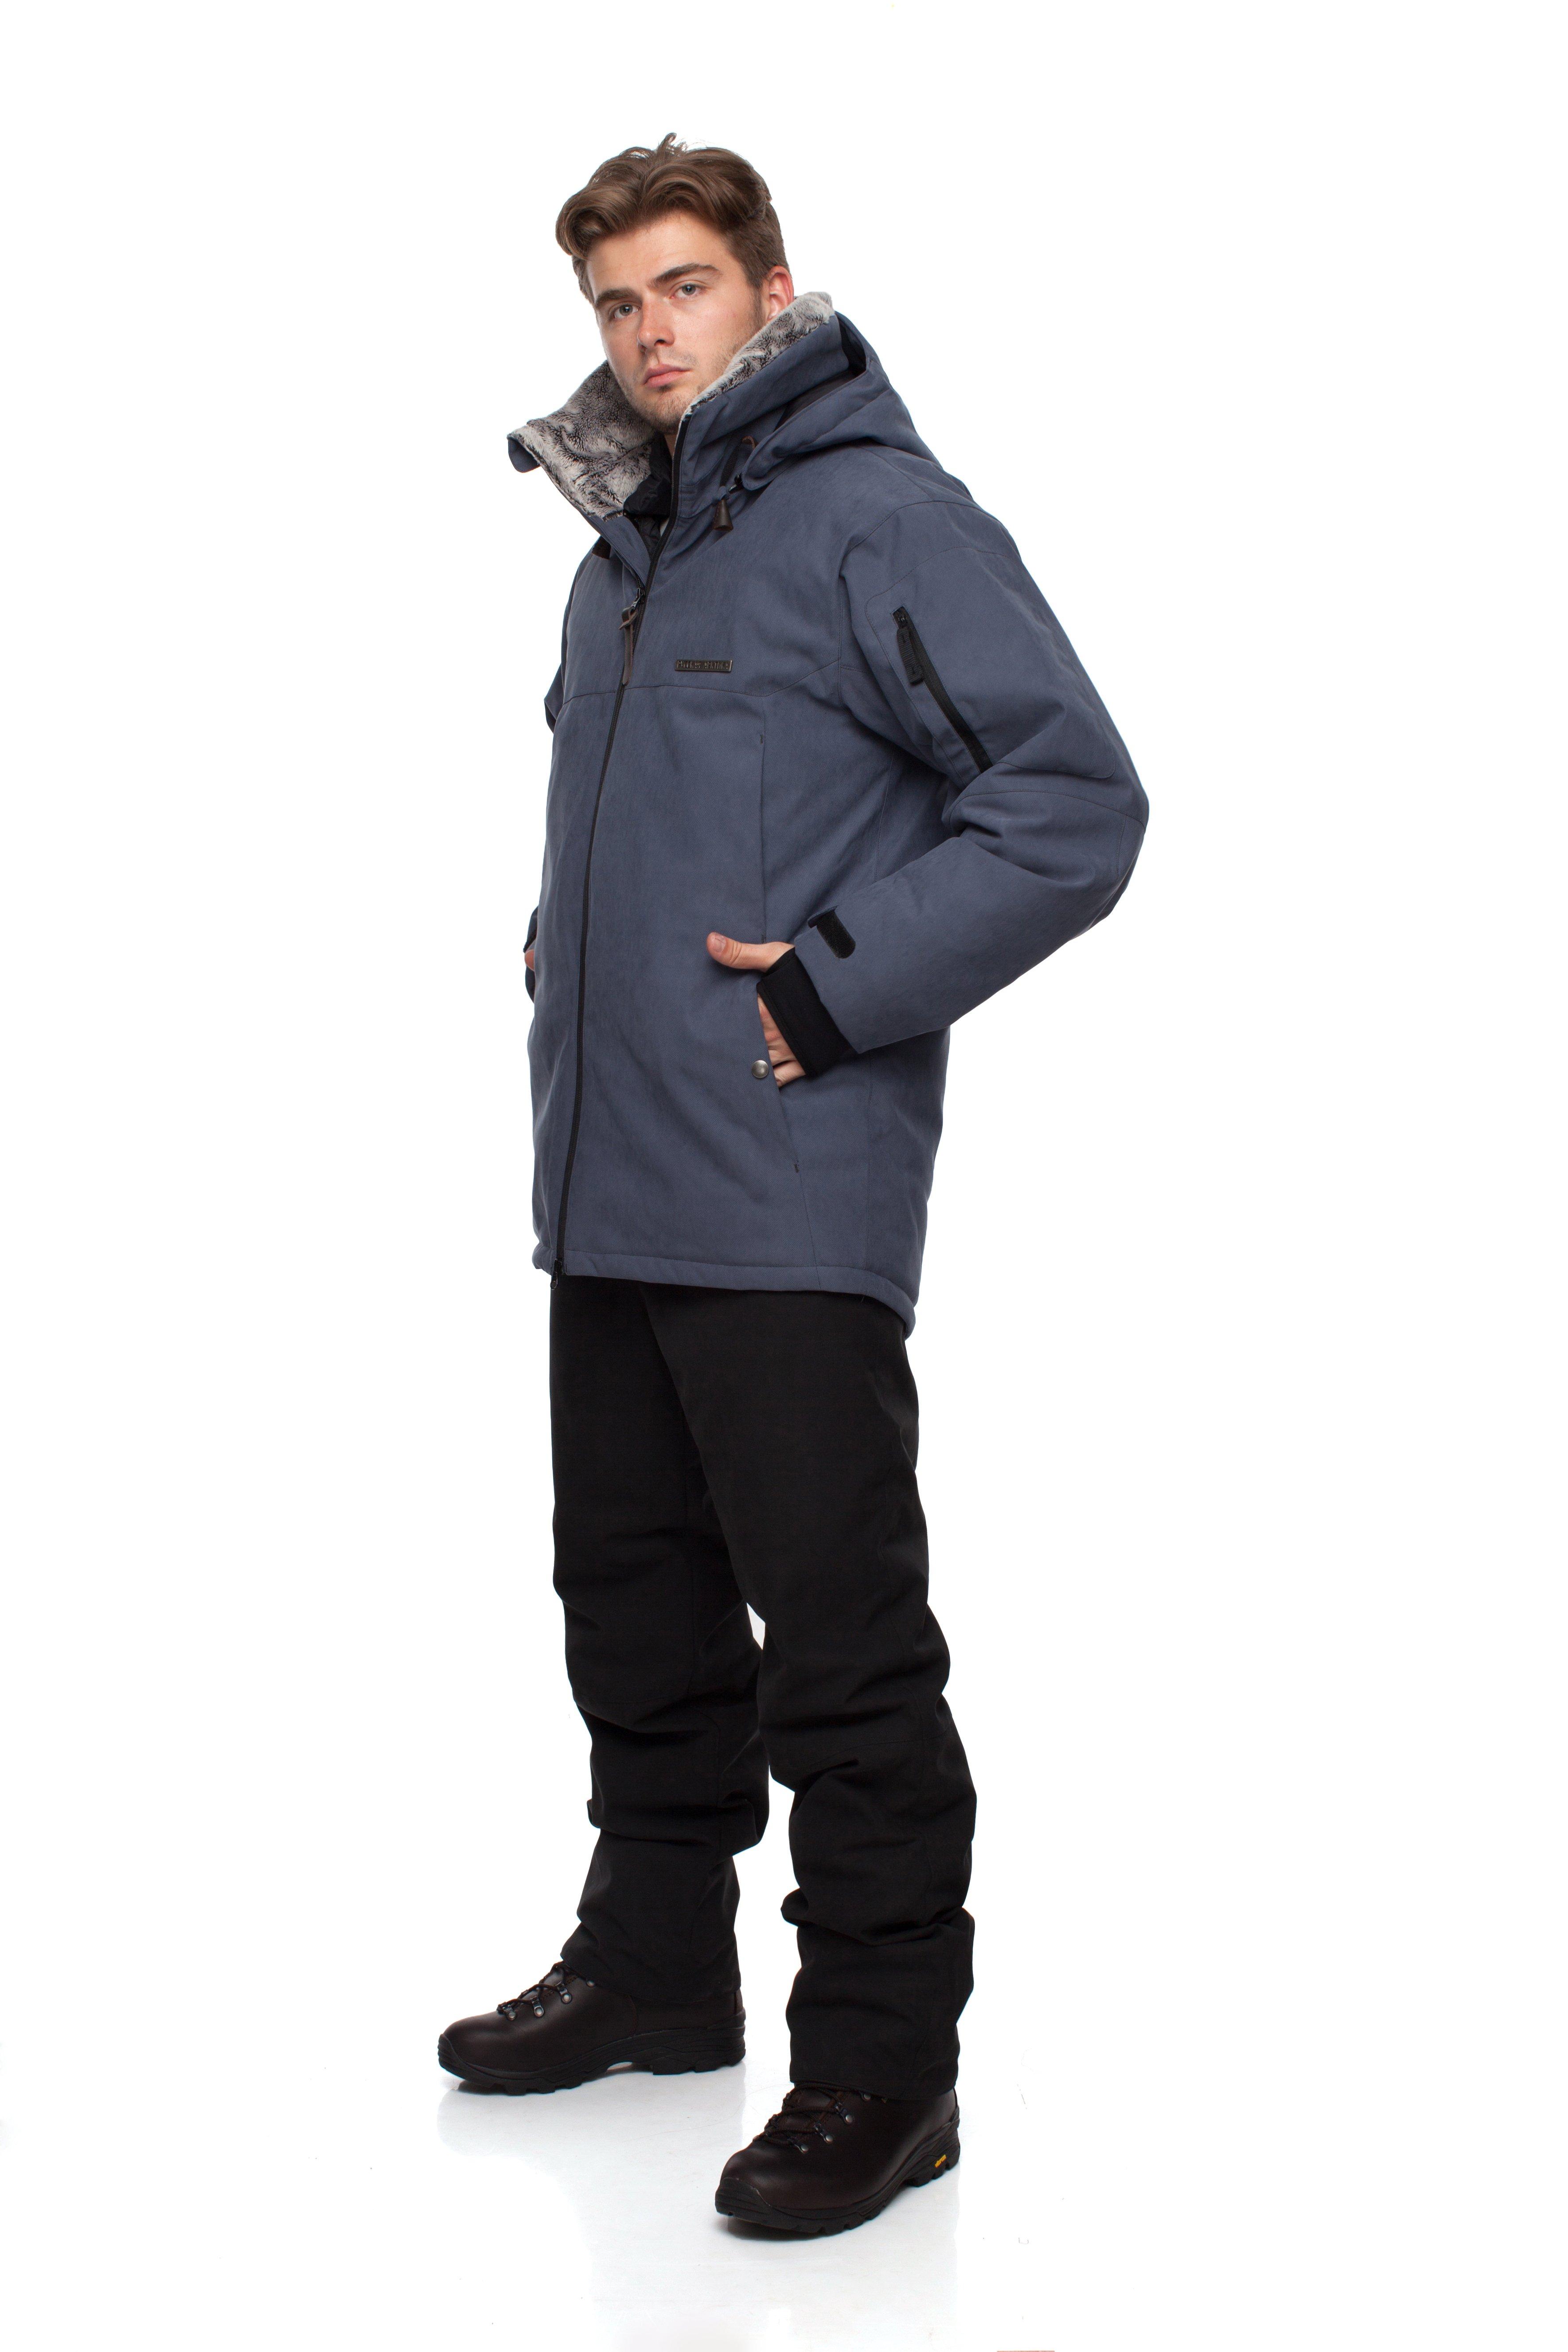 Куртка BASK AZIMUTH V3 3775Тёплая мембранная мужская зимняя куртка BASK AZIMUTH V3 3 в 1 с синтетическим утеплителем Thinsulate&amp;reg; и съемным пуховым жилетом, температурный режим -25 &amp;deg;С.<br><br>&quot;Дышащие&quot; свойства: Да<br>Верхняя ткань: Advance® Alaska<br>Вес граммы: 2020<br>Ветро-влагозащитные свойства верхней ткани: Да<br>Ветрозащитная планка: Да<br>Ветрозащитная юбка: Нет<br>Влагозащитные молнии: Нет<br>Внутренние манжеты: Да<br>Внутренняя ткань: Advance® Classic<br>Водонепроницаемость: 5000<br>Дублирующий центральную молнию клапан: Нет<br>Защитный козырёк капюшона: Да<br>Капюшон: Съемный<br>Карман для средств связи: Нет<br>Количество внешних карманов: 5<br>Количество внутренних карманов: 4<br>Коллекция: Pole to Pole<br>Мембрана: Да<br>Объемный крой локтевой зоны: Да<br>Отстёгивающиеся рукава: Нет<br>Паропроницаемость: 5000<br>Показатель Fill Power (для пуховых изделий): 650<br>Пол: Мужской<br>Проклейка швов: Нет<br>Регулировка манжетов рукавов: Да<br>Регулировка низа: Да<br>Регулировка объёма капюшона: Да<br>Регулировка талии: Нет<br>Регулируемые вентиляционные отверстия: Нет<br>Световозвращающая лента: Нет<br>Температурный режим: -25<br>Технология Thermal Welding: Нет<br>Технология швов: Простые<br>Тип молнии: Двухзамковая<br>Тип утеплителя: Комбинированный<br>Ткань усиления: Нет<br>Усиление контактных зон: Нет<br>Утеплитель: Thinsulate®